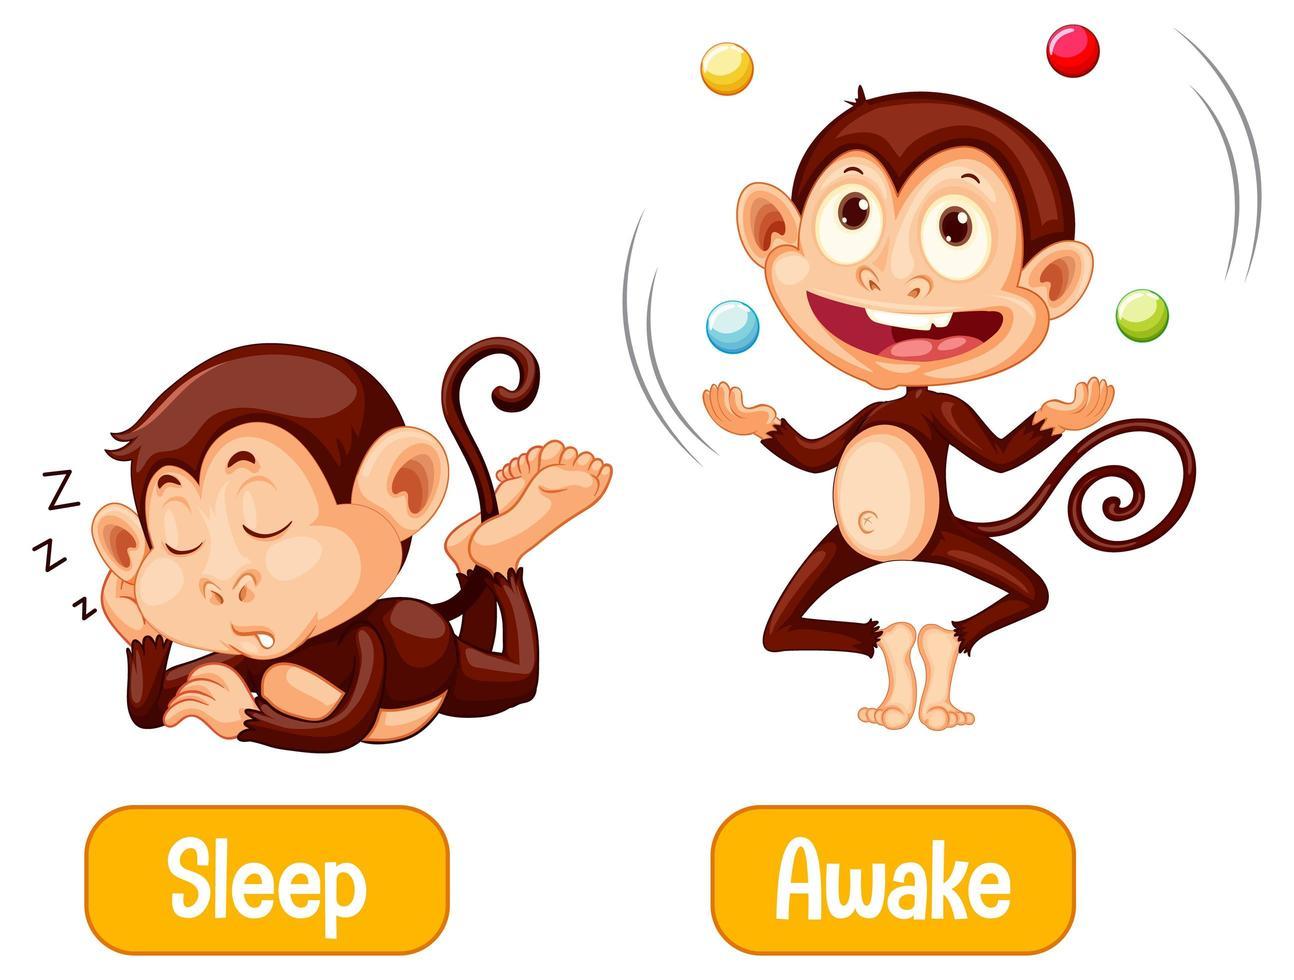 monos opuestos con texto dormido y despierto. vector